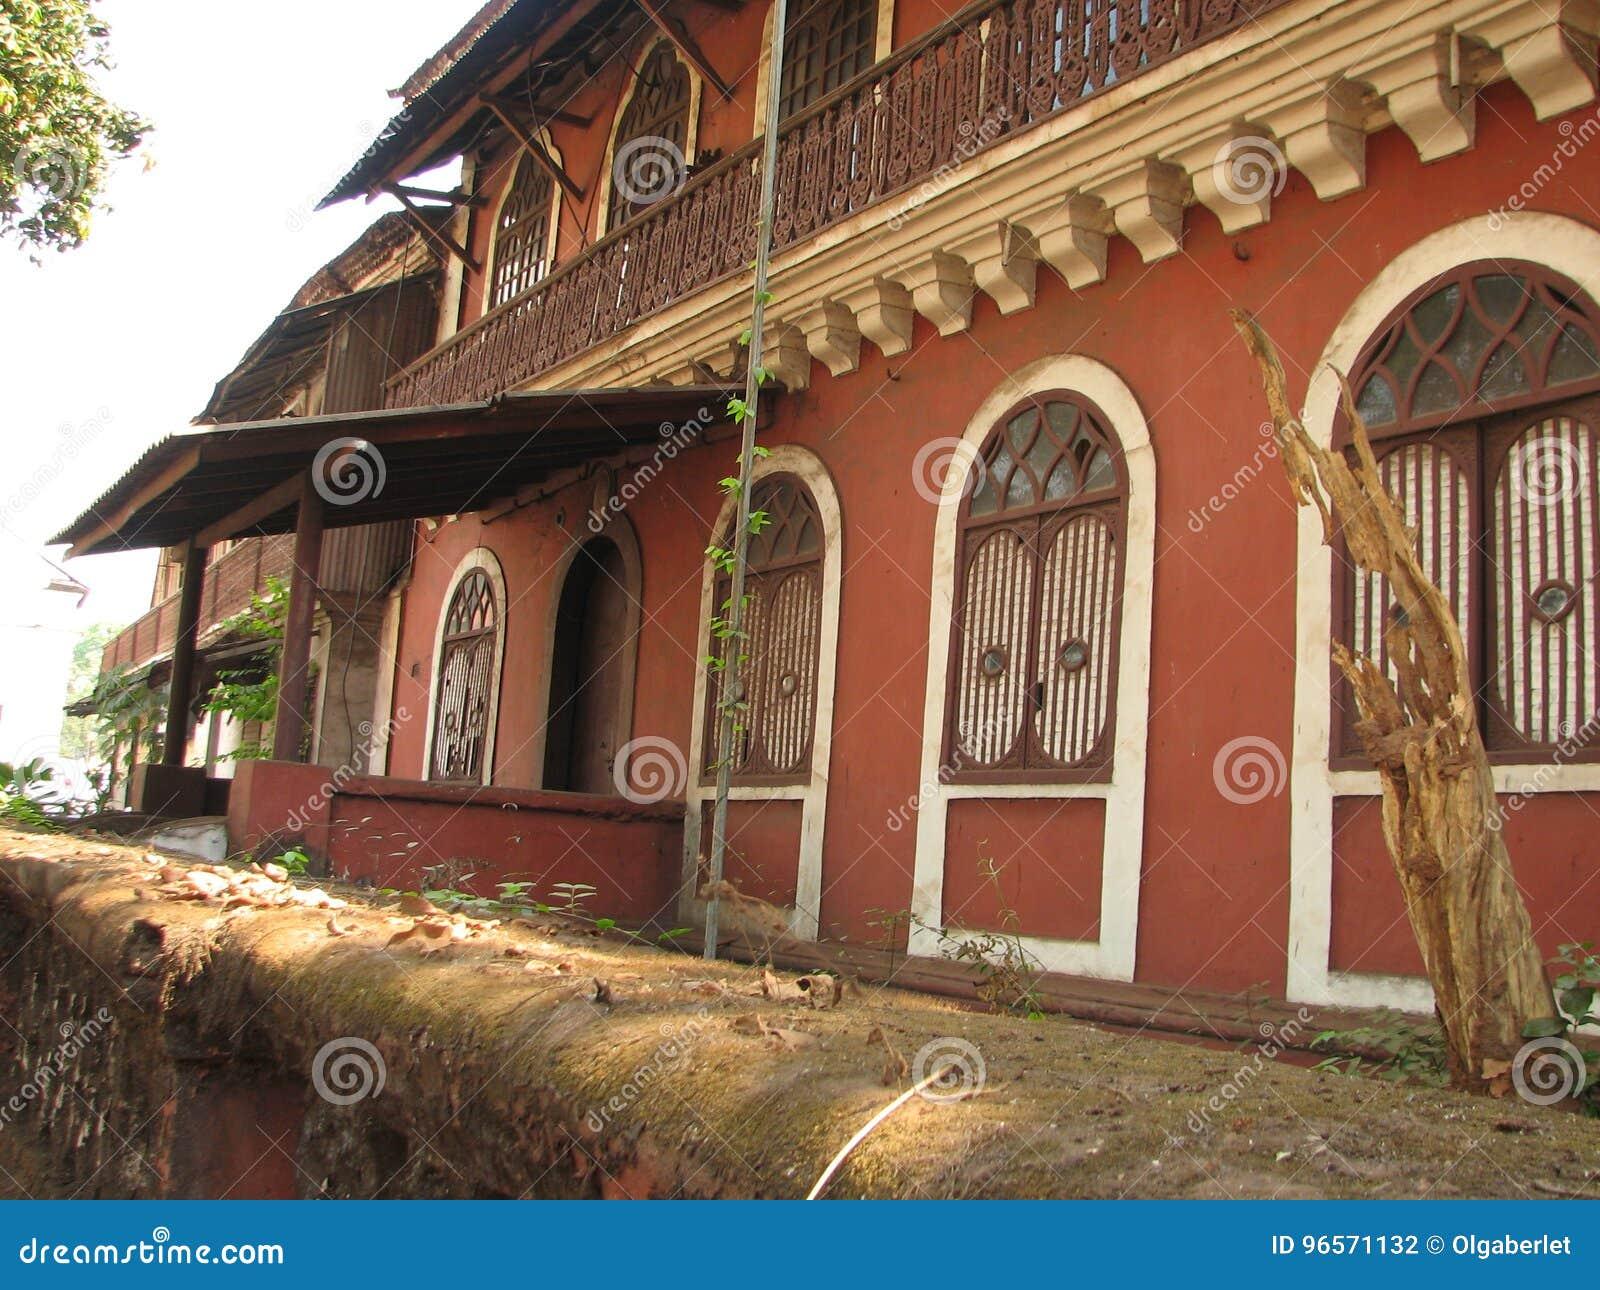 Παλαιό παράθυρο με κεραμωμένη την τερακότα στέγη Αρχιτεκτονικές λεπτομέρειες από Goa, Ινδία